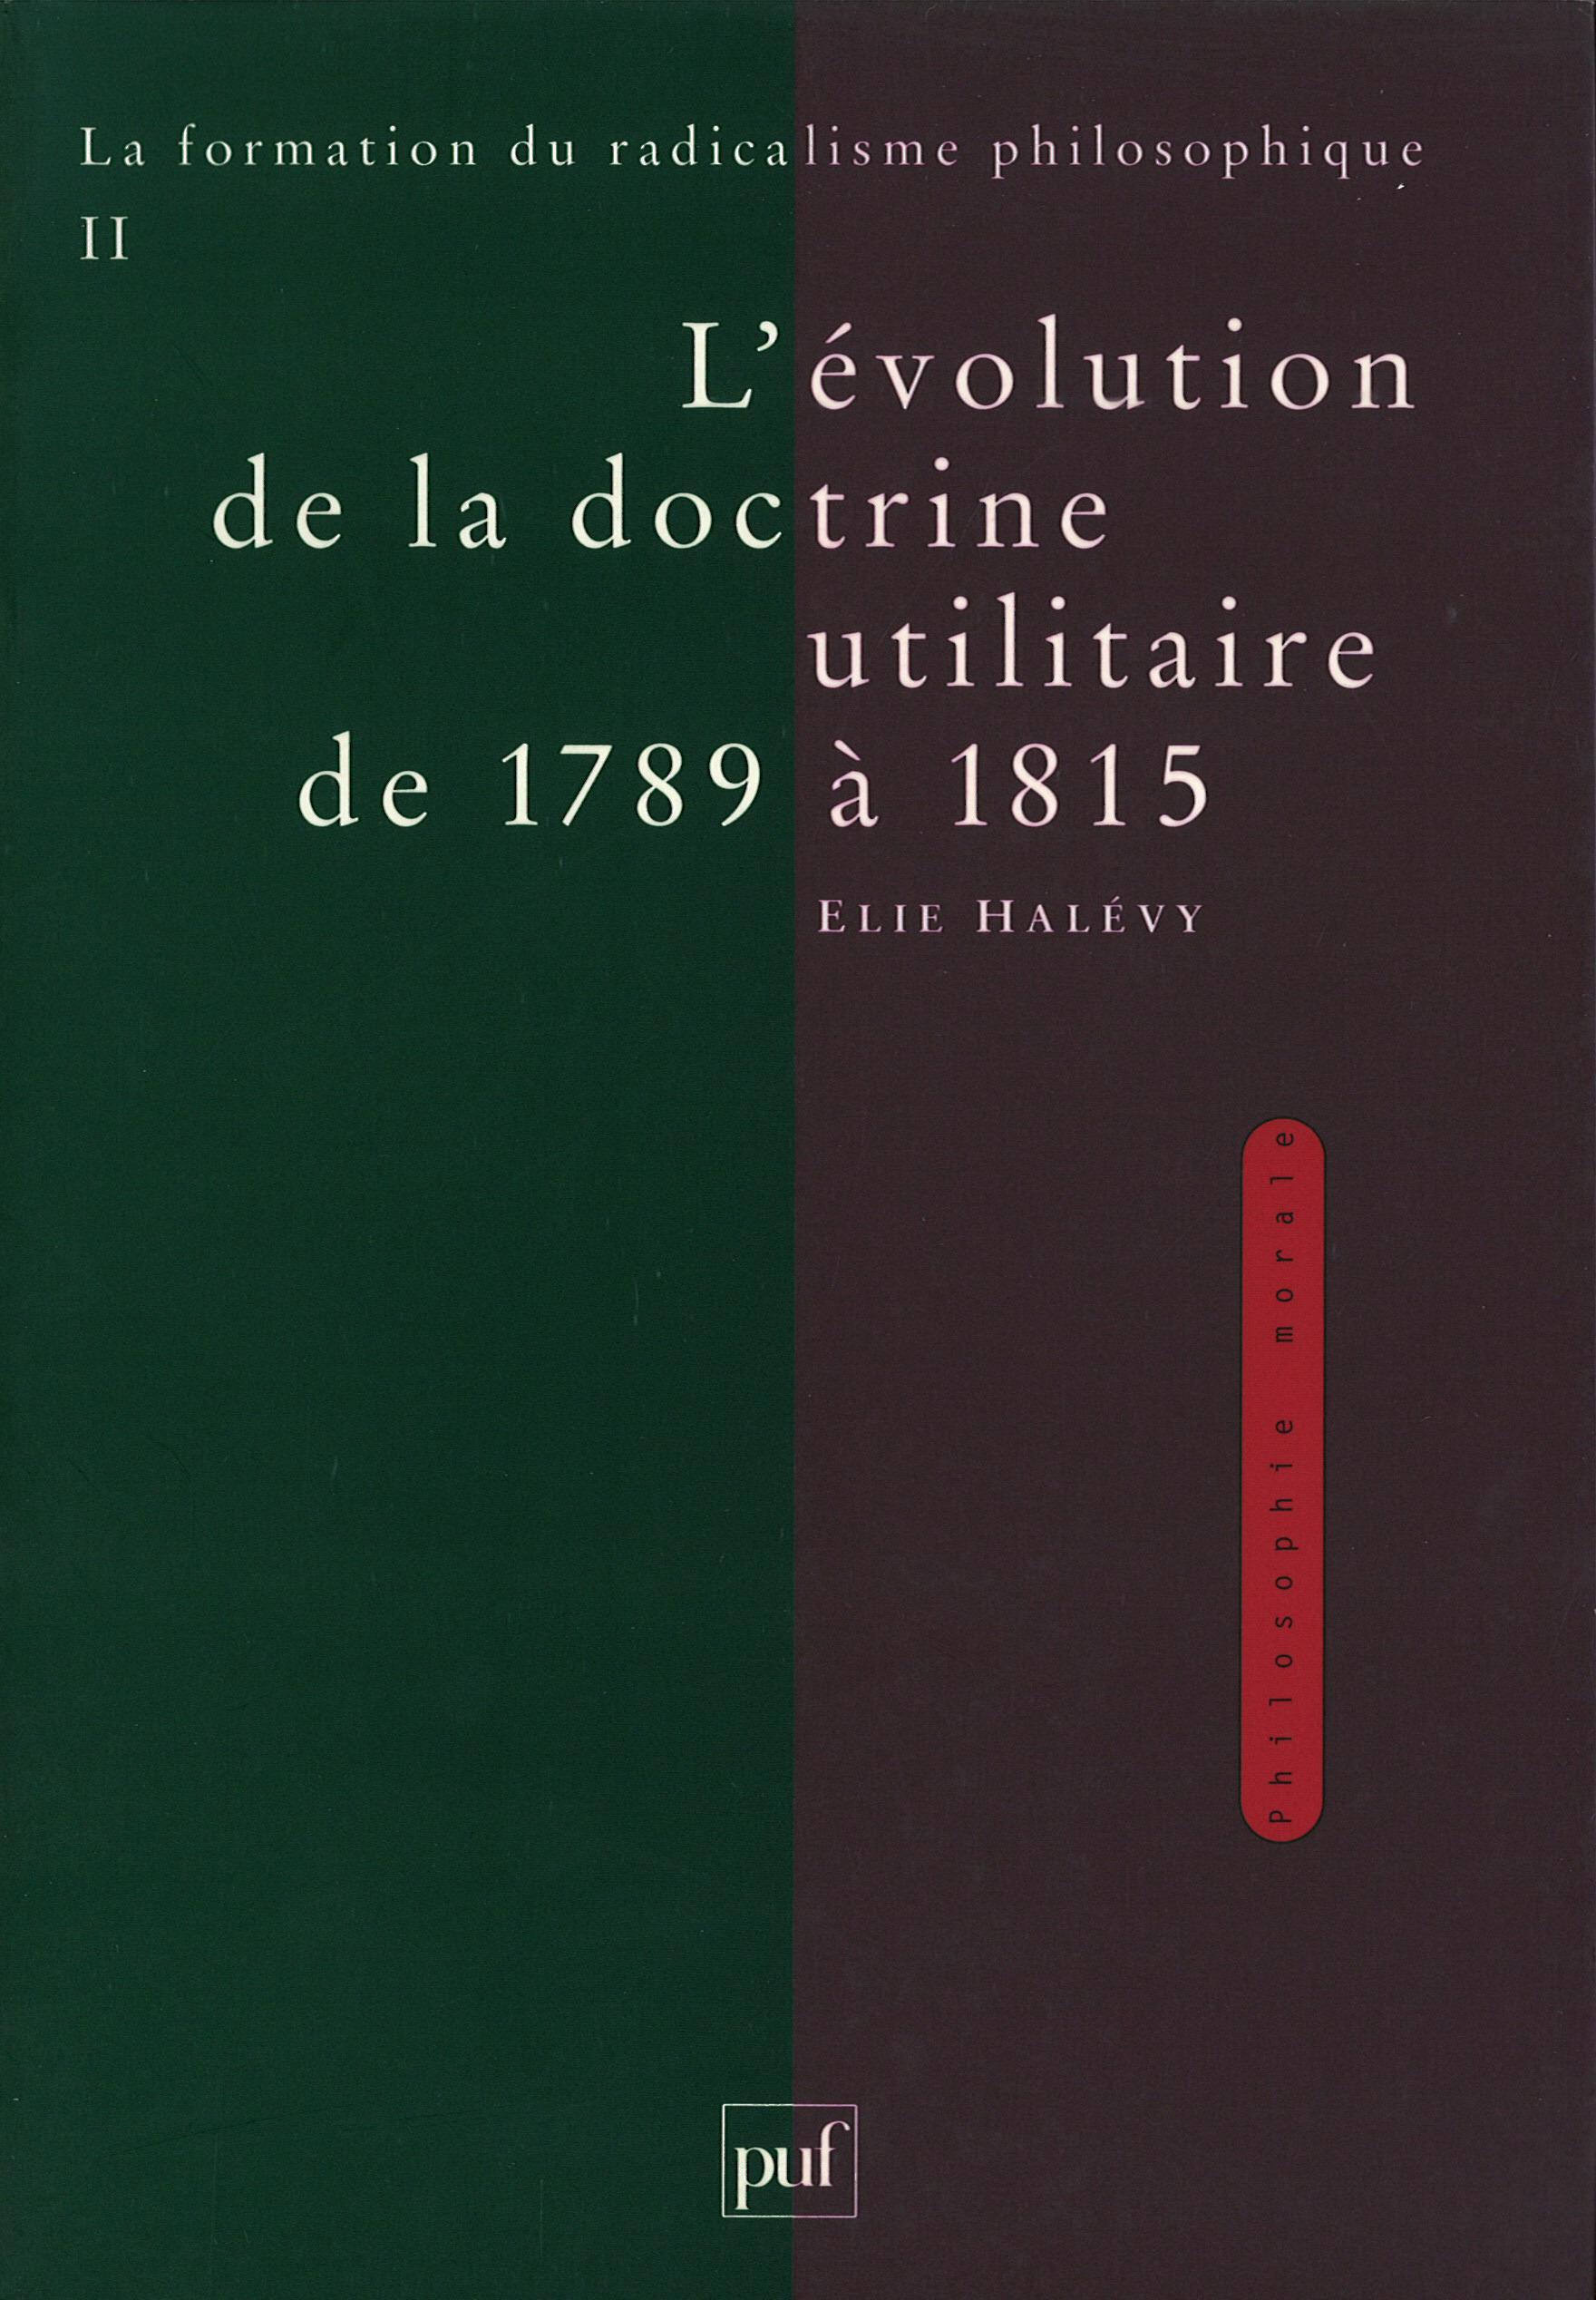 La formation du radicalisme philosophique t.2 ; l'évolution de la doctrine utilitaire de 1789 à 1815